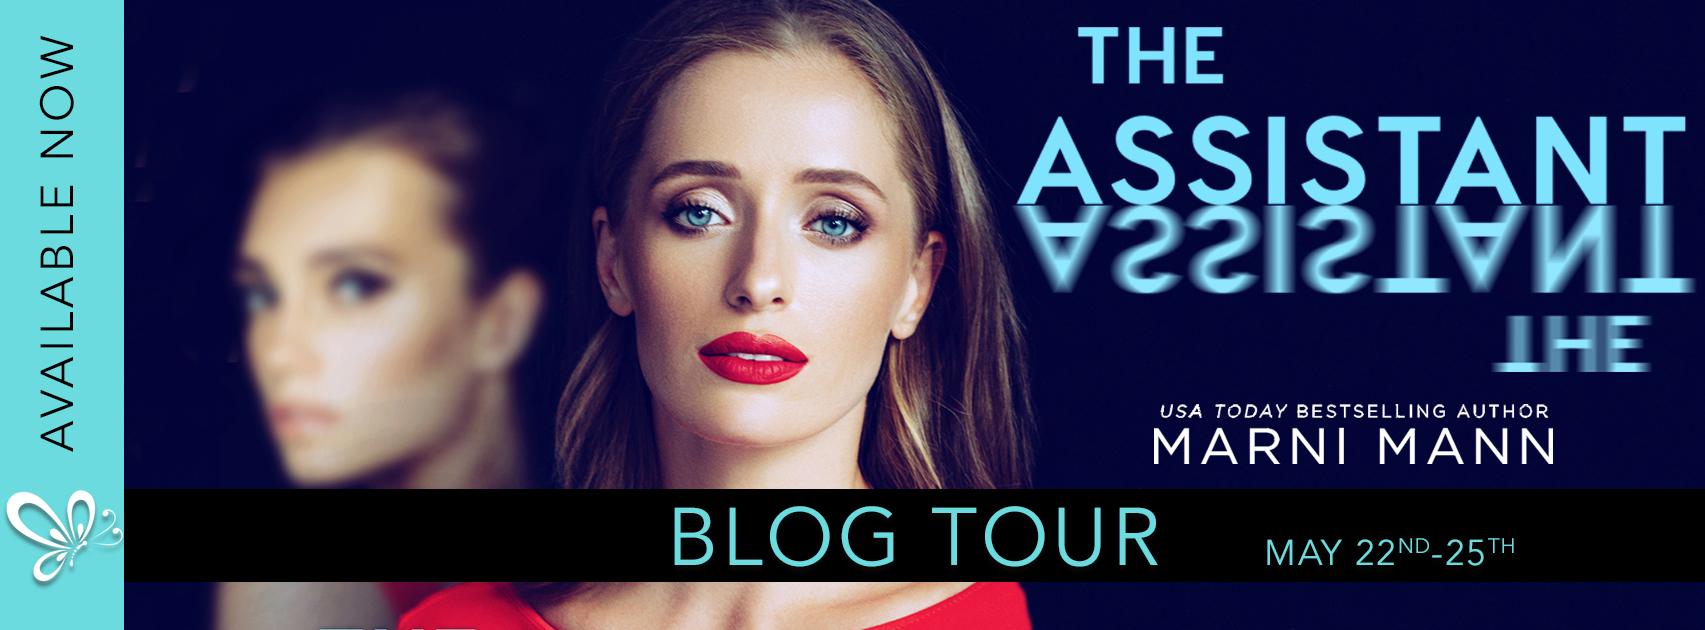 blog tour banner-5.jpg